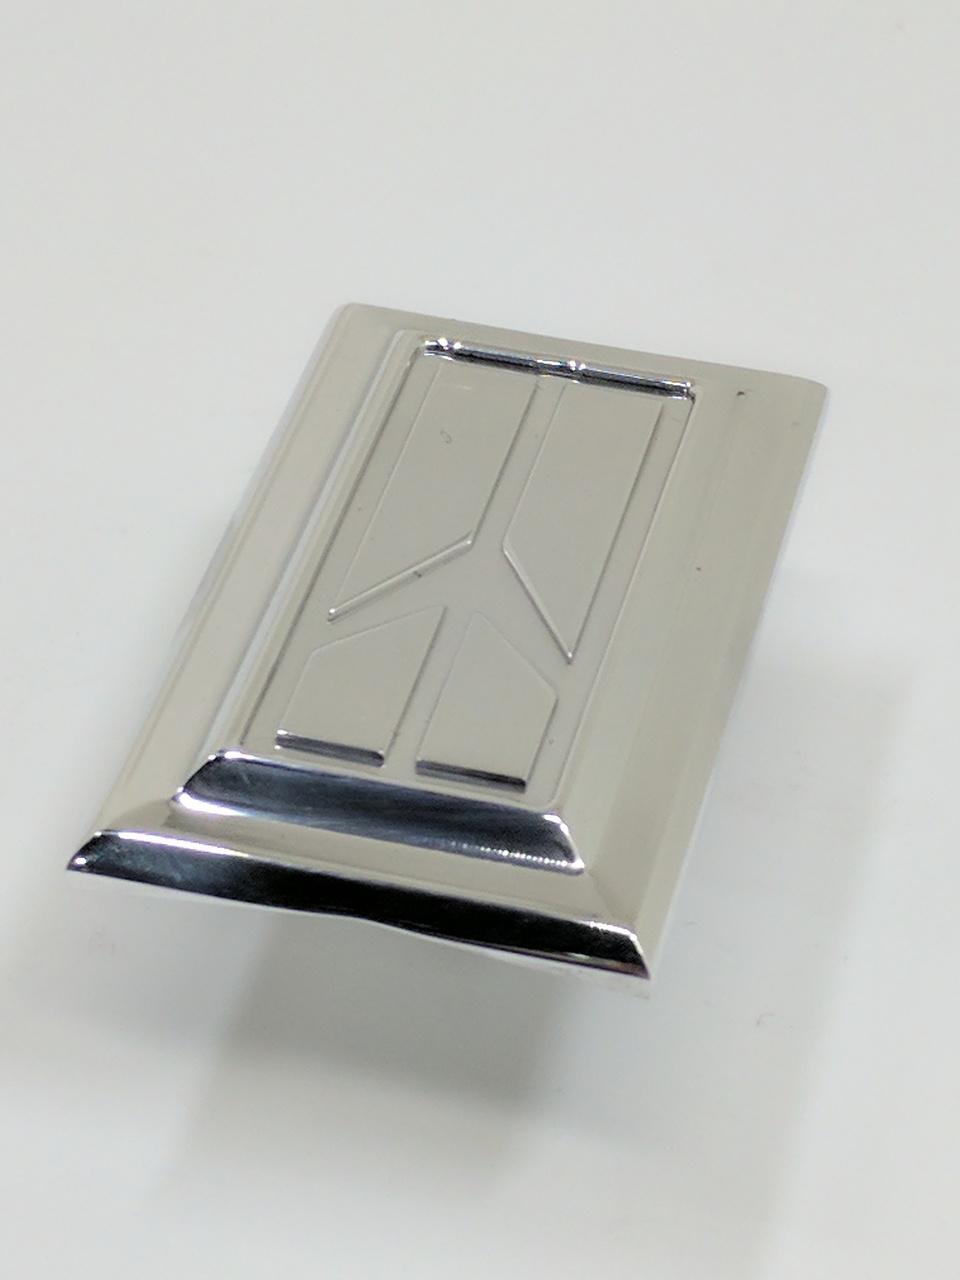 HEADER PANEL EMBLEM for Oldsmobile Cutlass 80s models